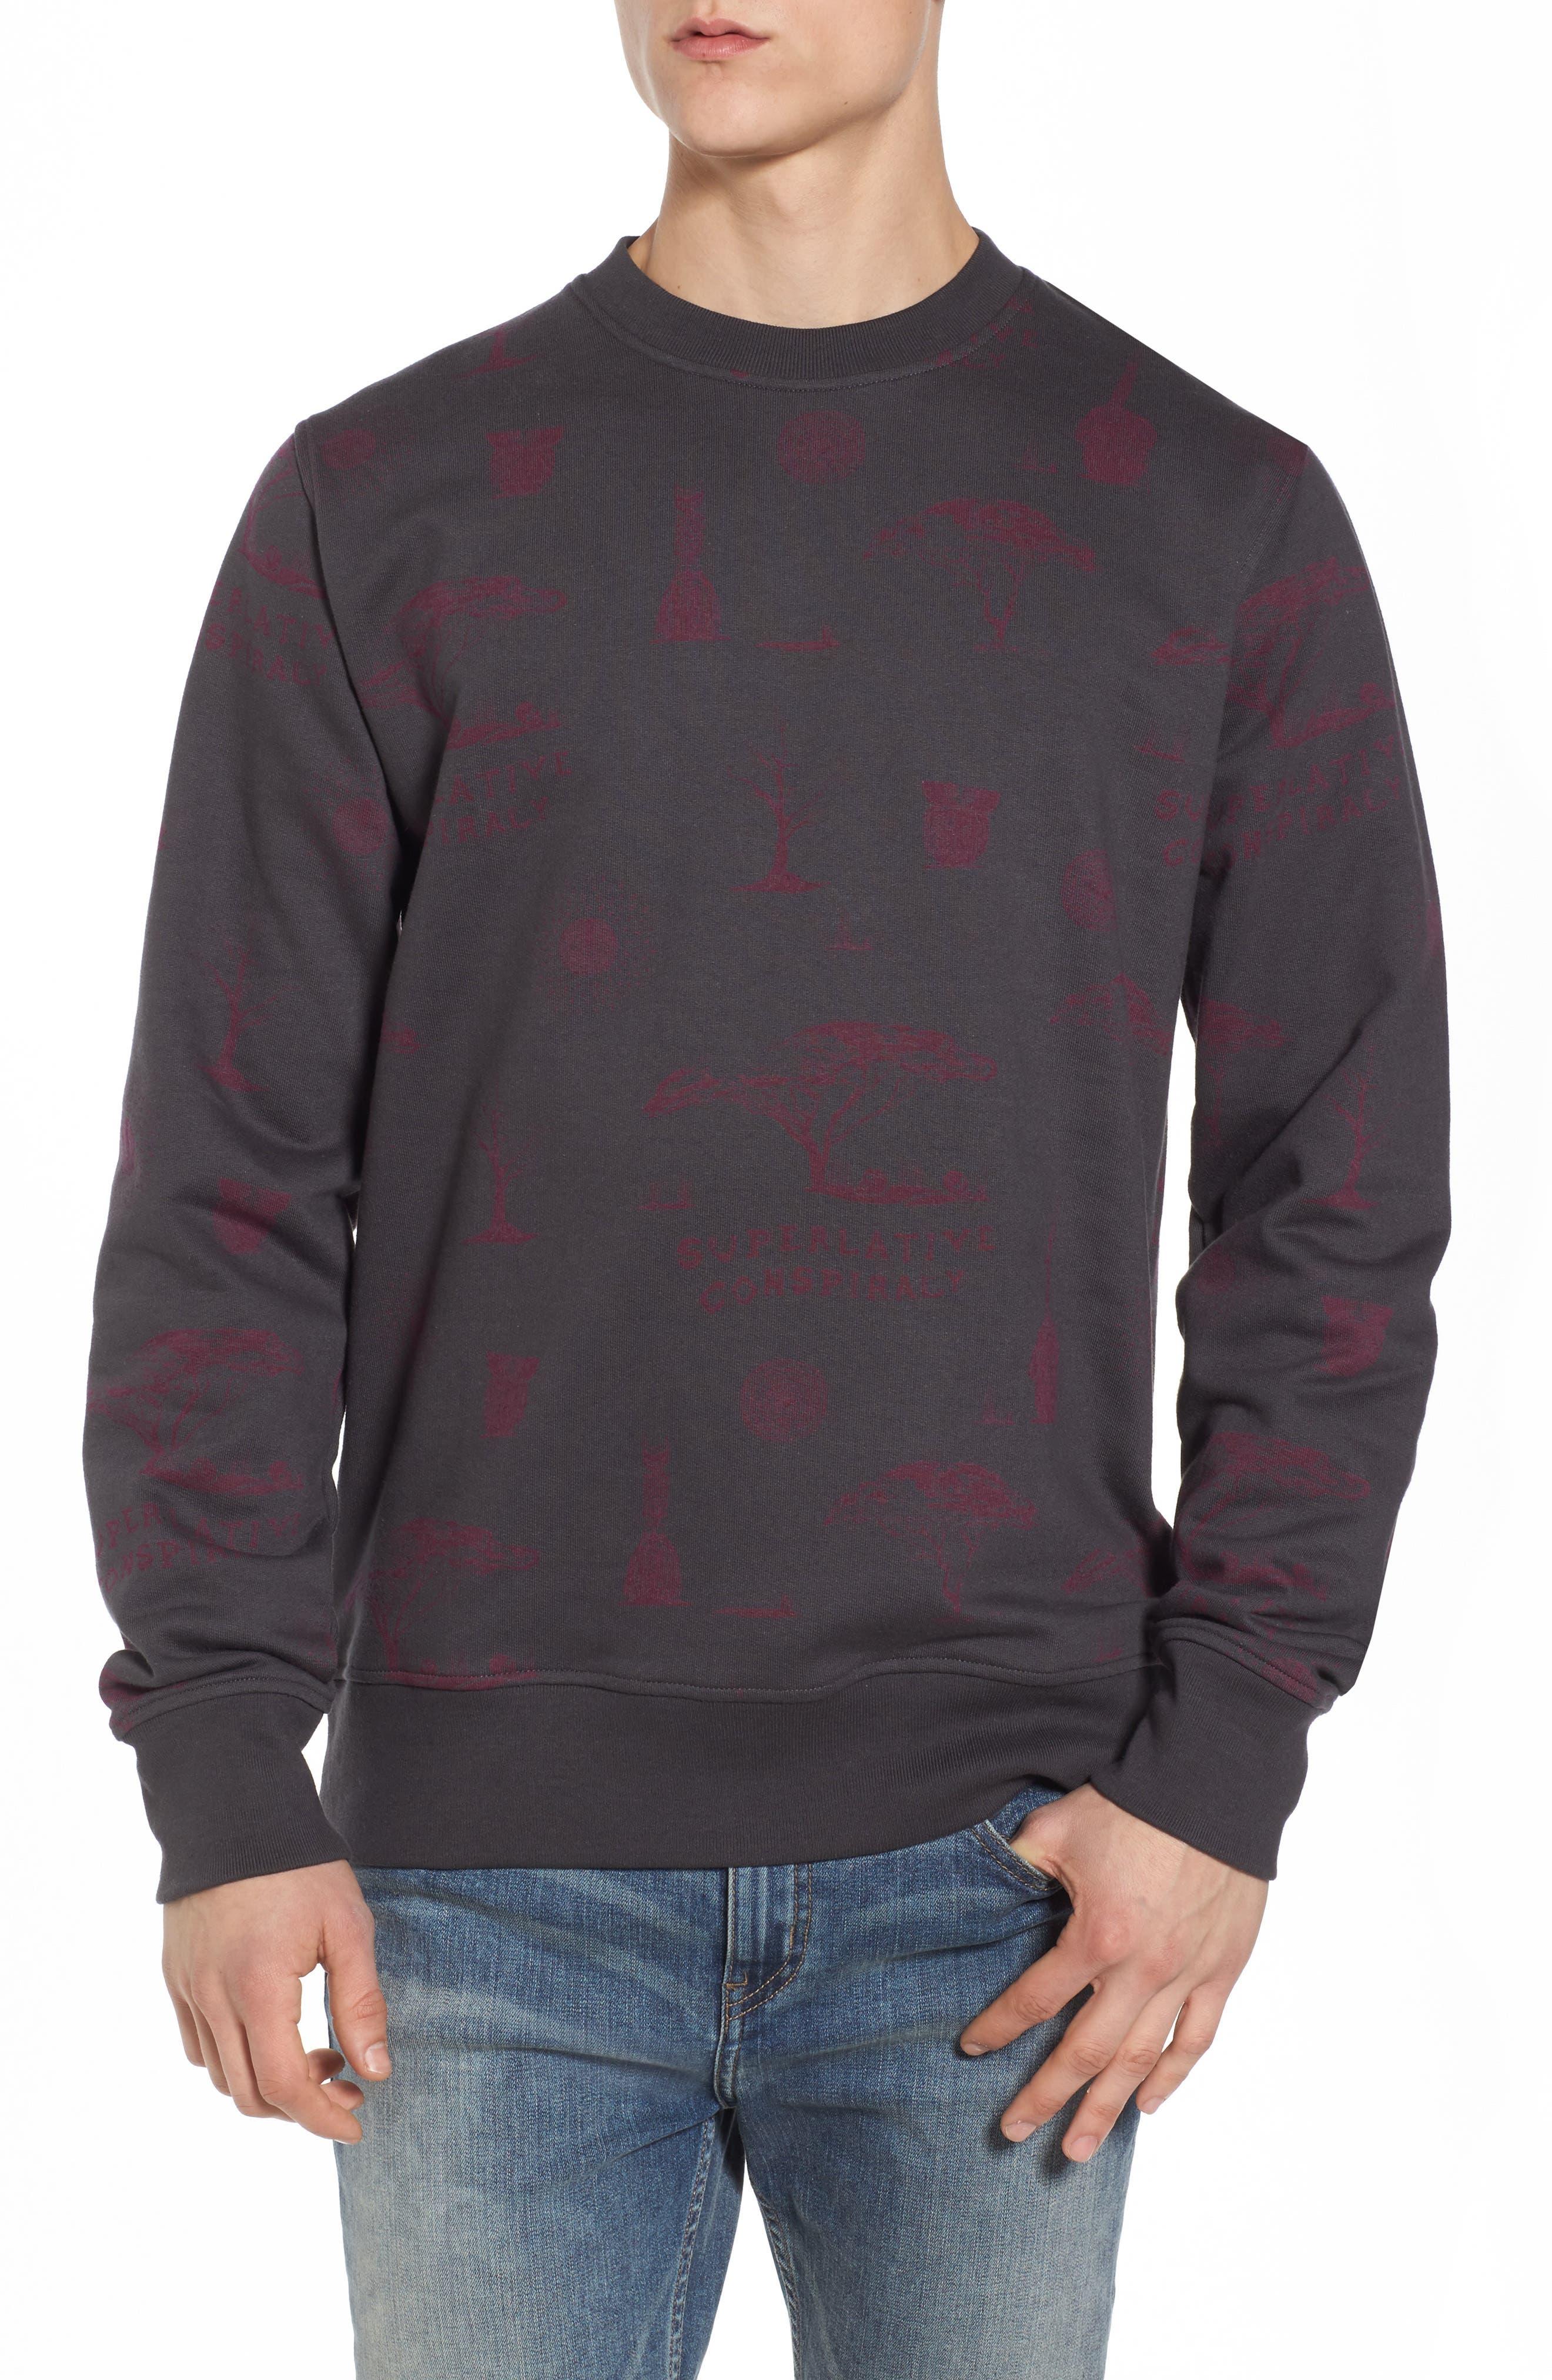 WeSC Miles The Voodoo Fleece Sweatshirt